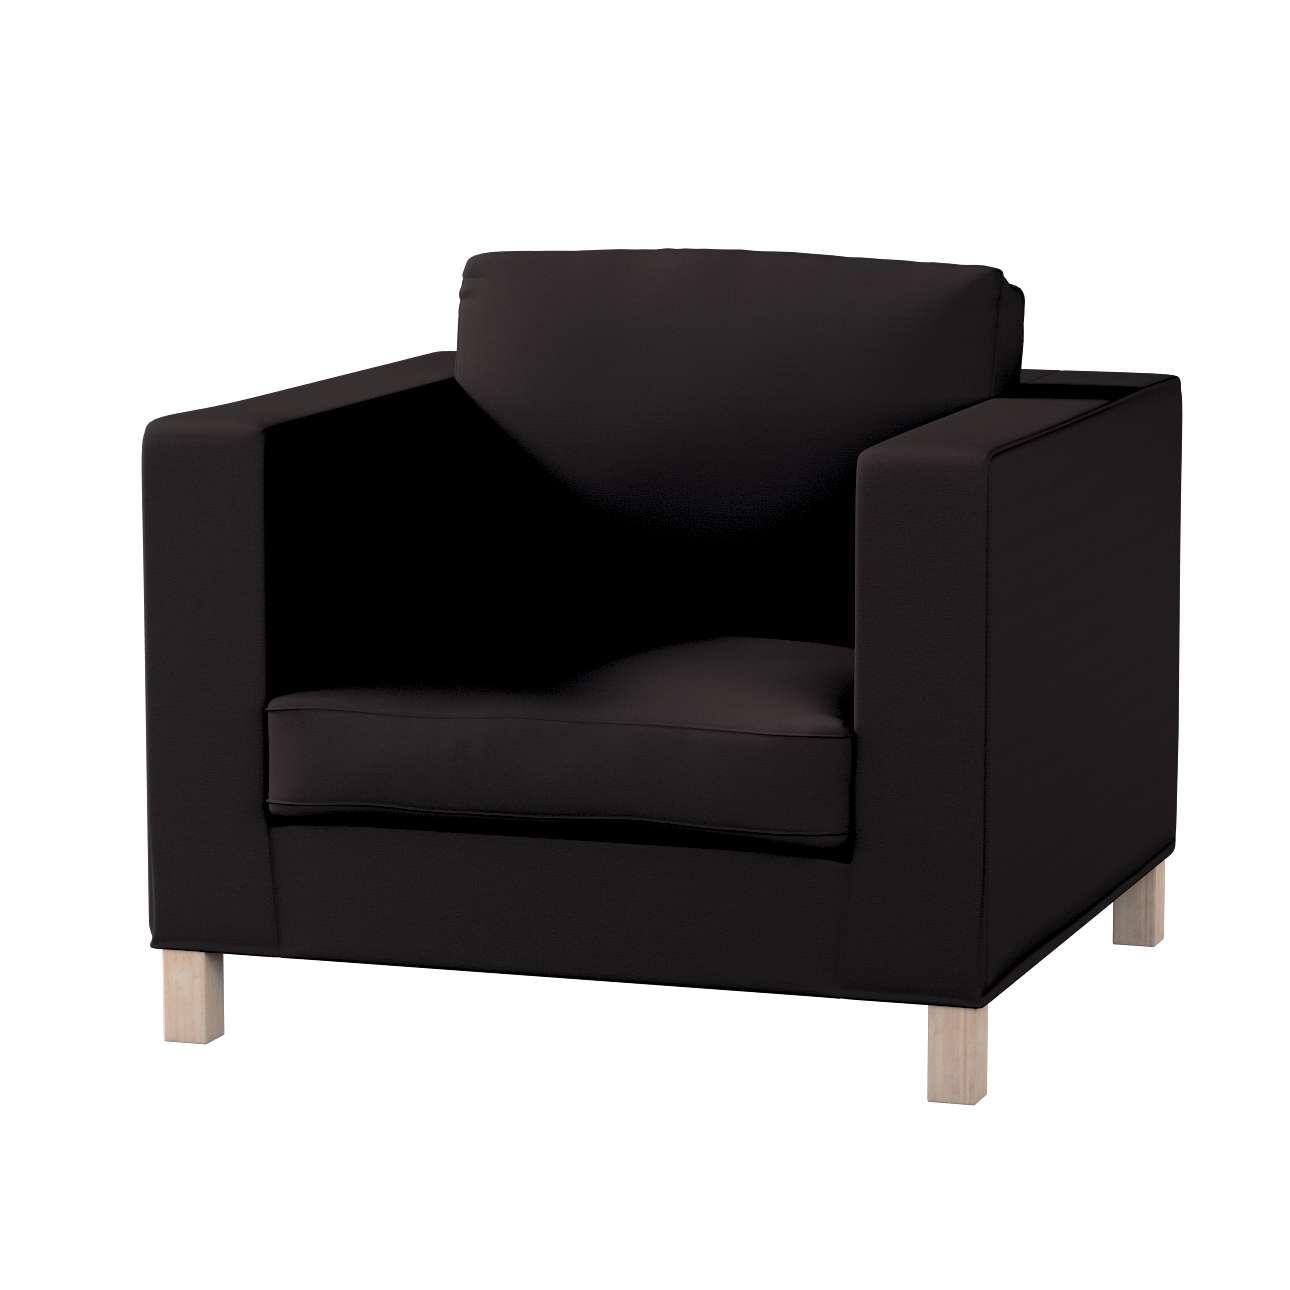 KARLANDA fotelio užvalkalas KARLANDA fotelio užvalkalas kolekcijoje Cotton Panama, audinys: 702-09